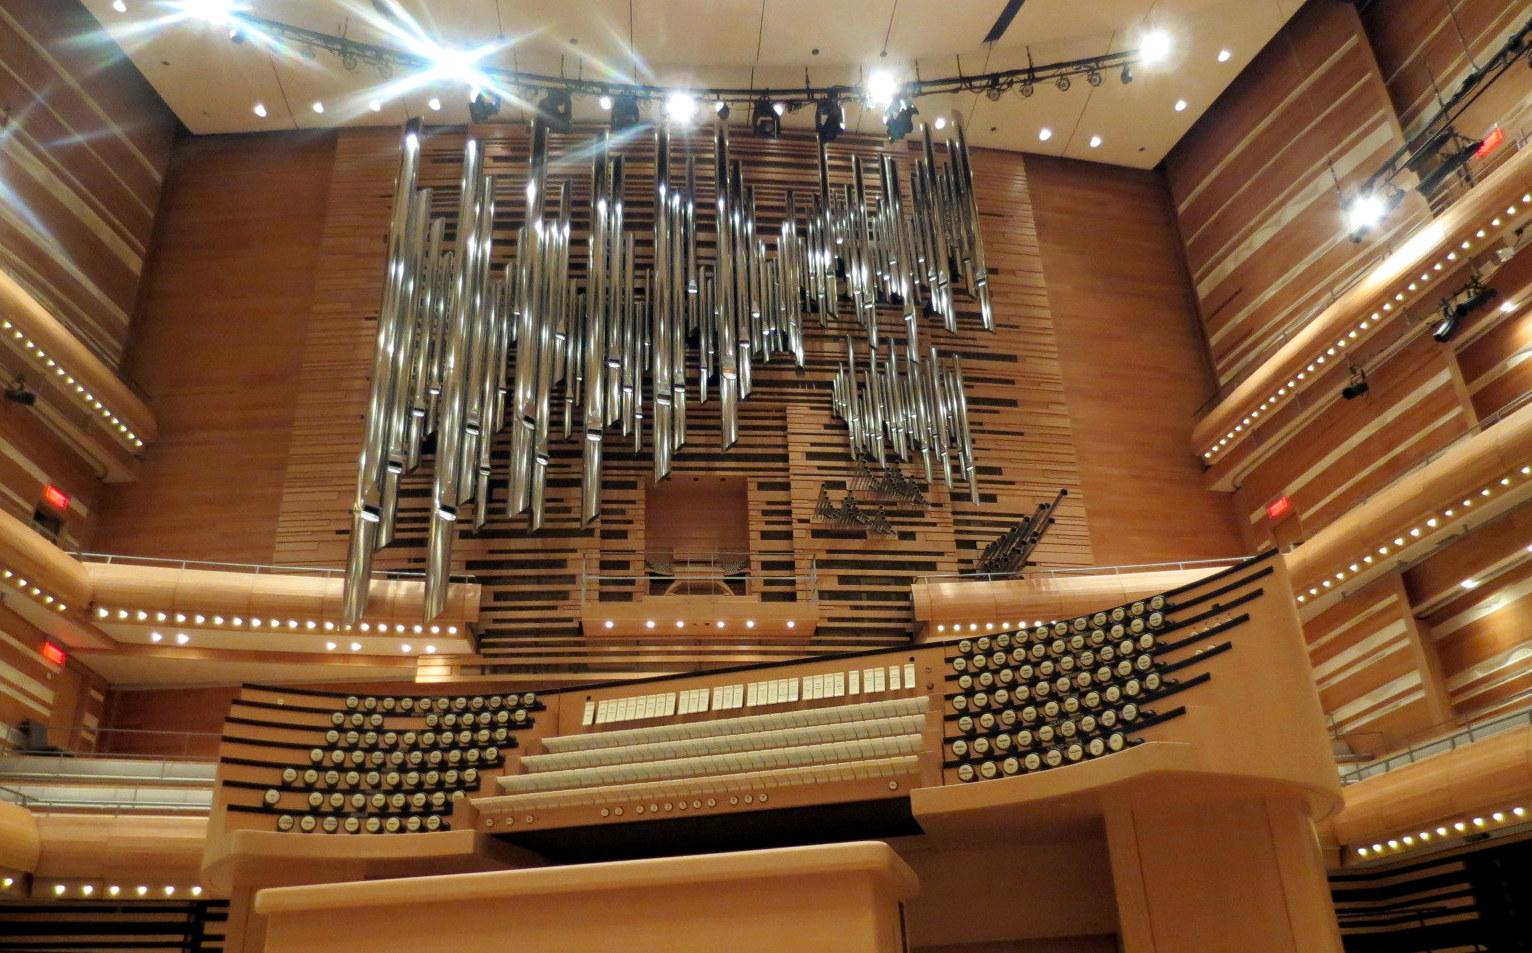 Orgue Pierre-Béique, Casavant Opus 3900, Maison symphonique de Montréal, Canada